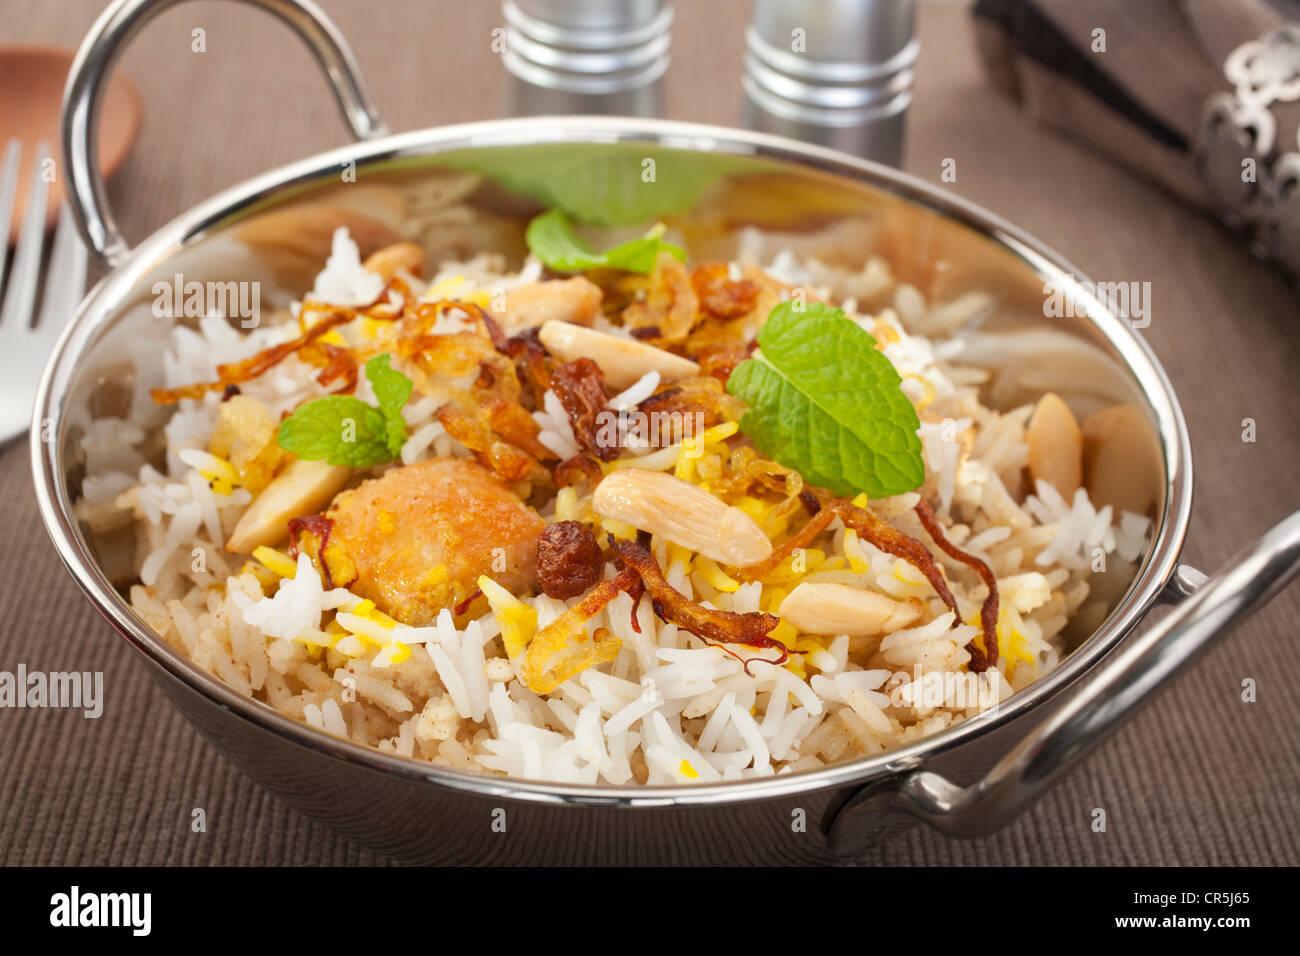 Ocasión Especial Plato indio, pollo biryani es aderezado con cebolla frita crujiente, pasas de uva, almendras Imagen De Stock